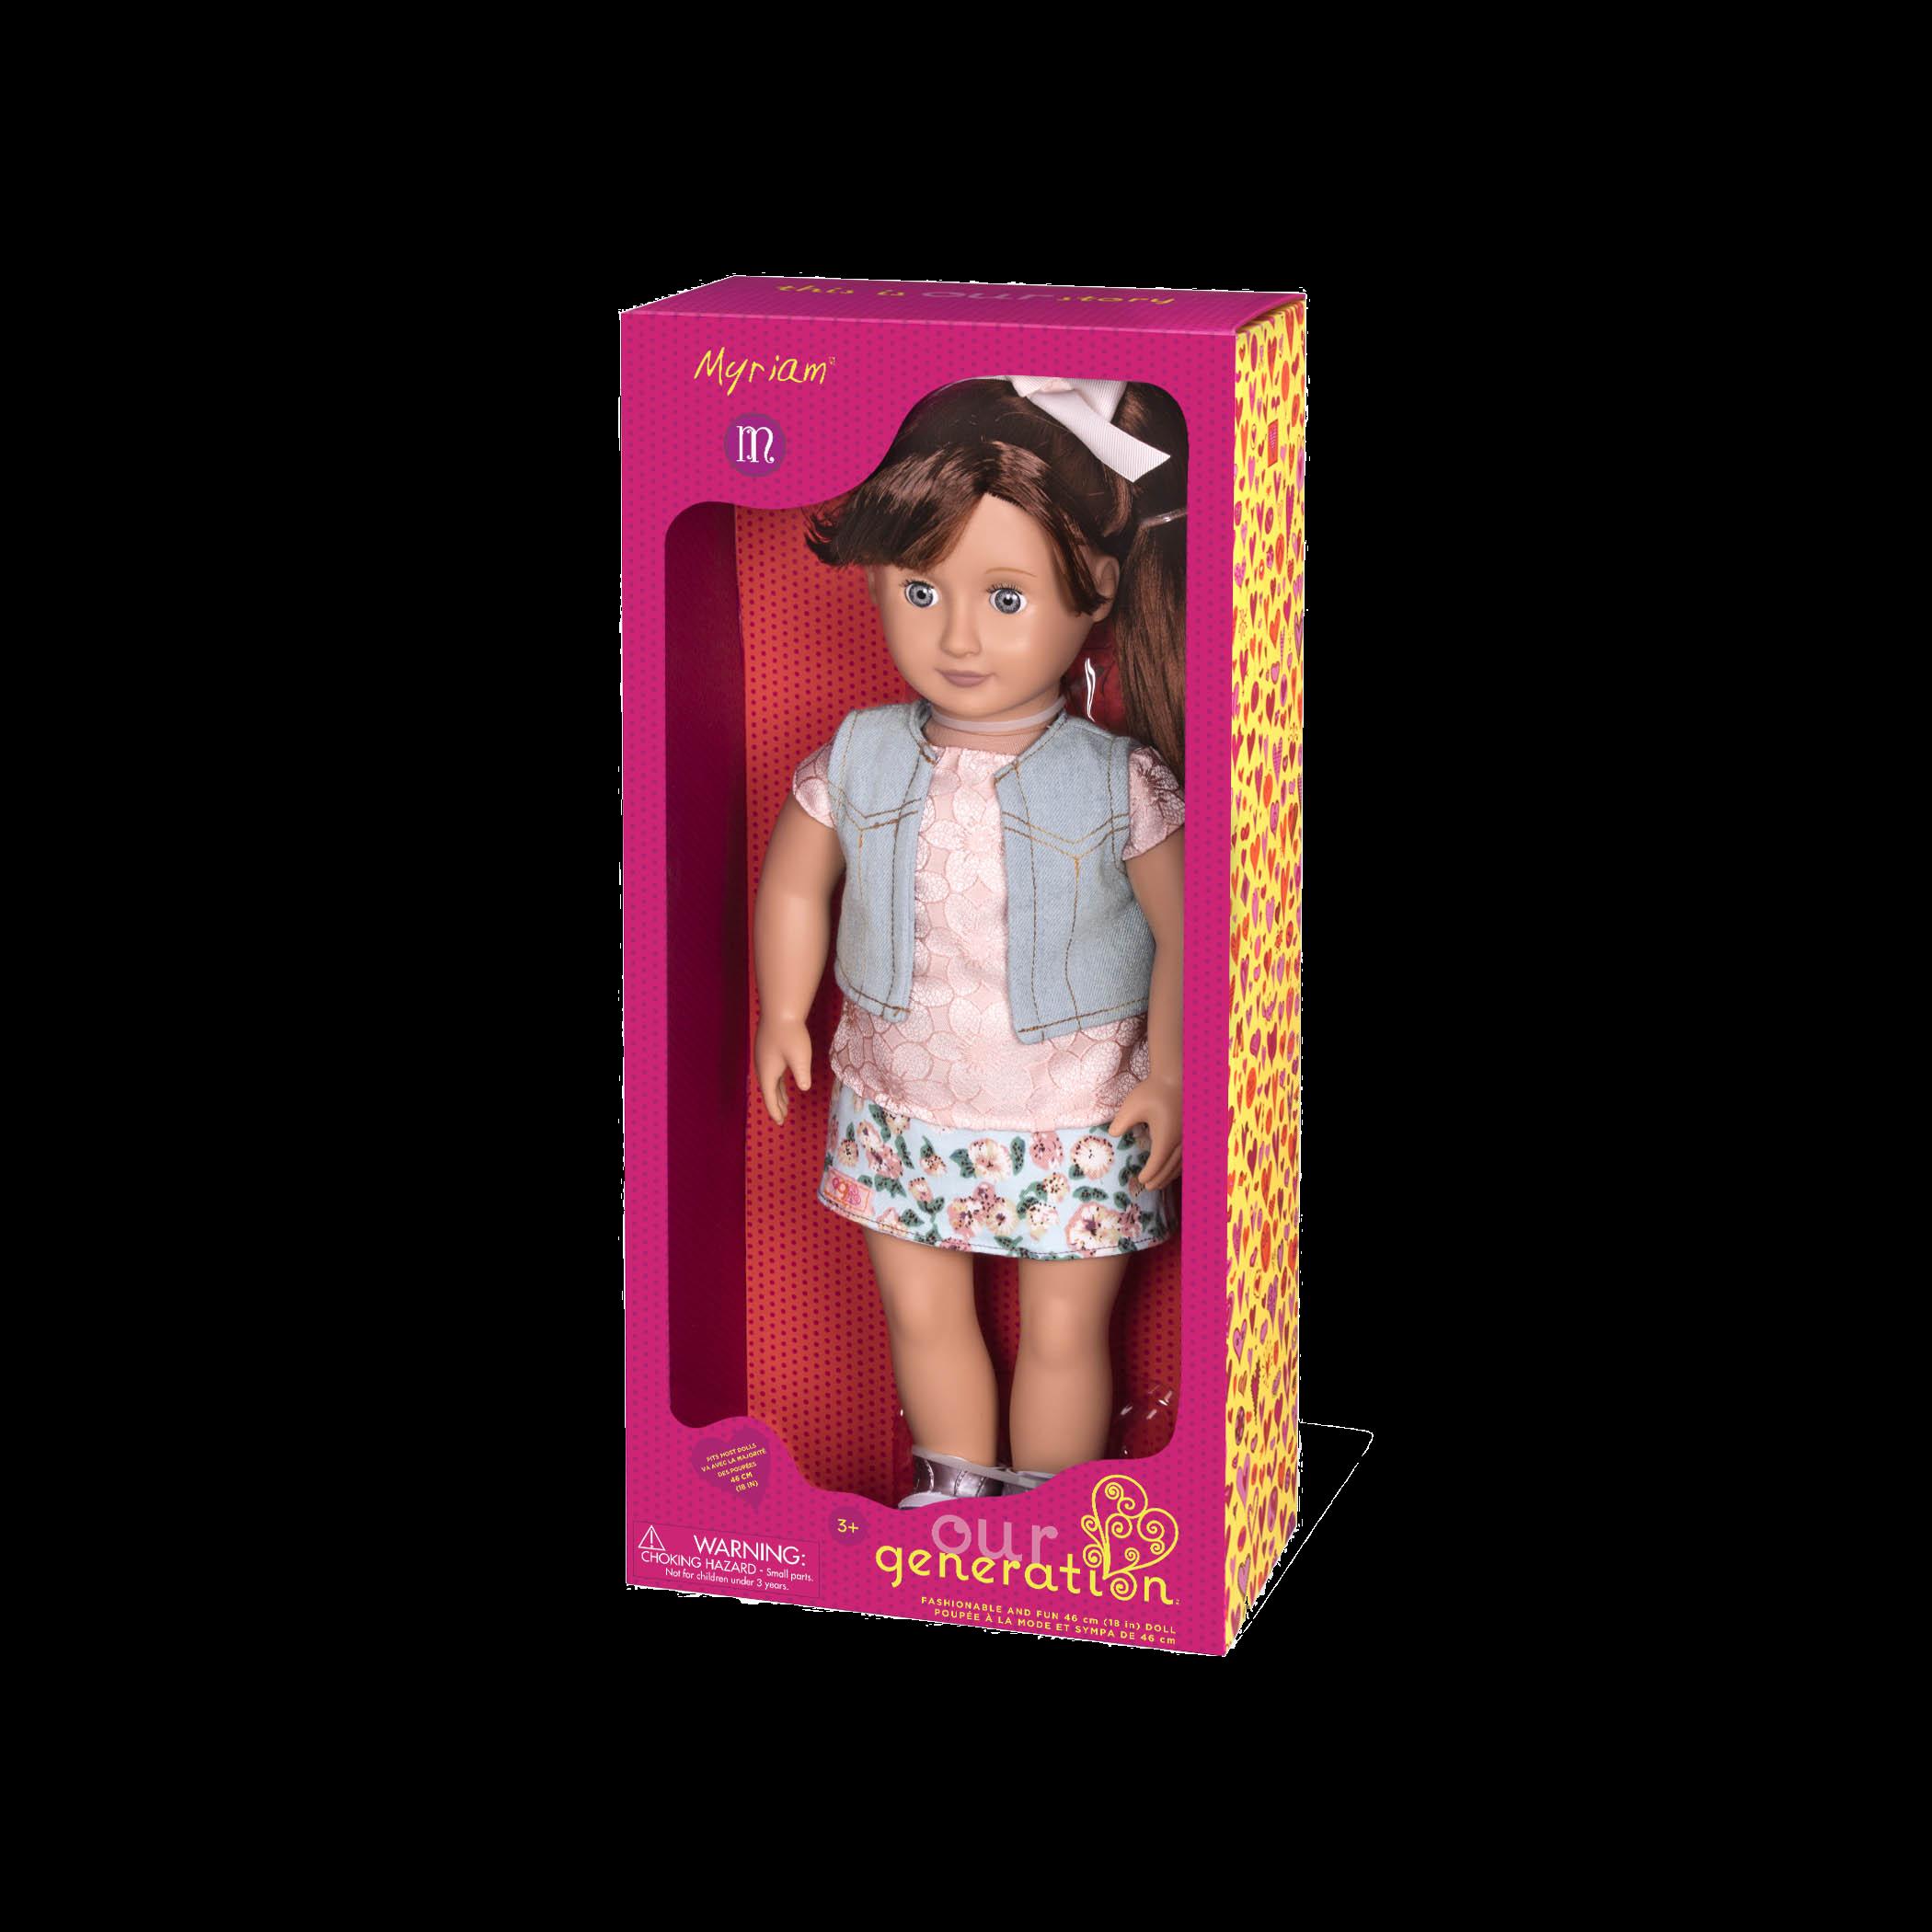 Myriam package detail